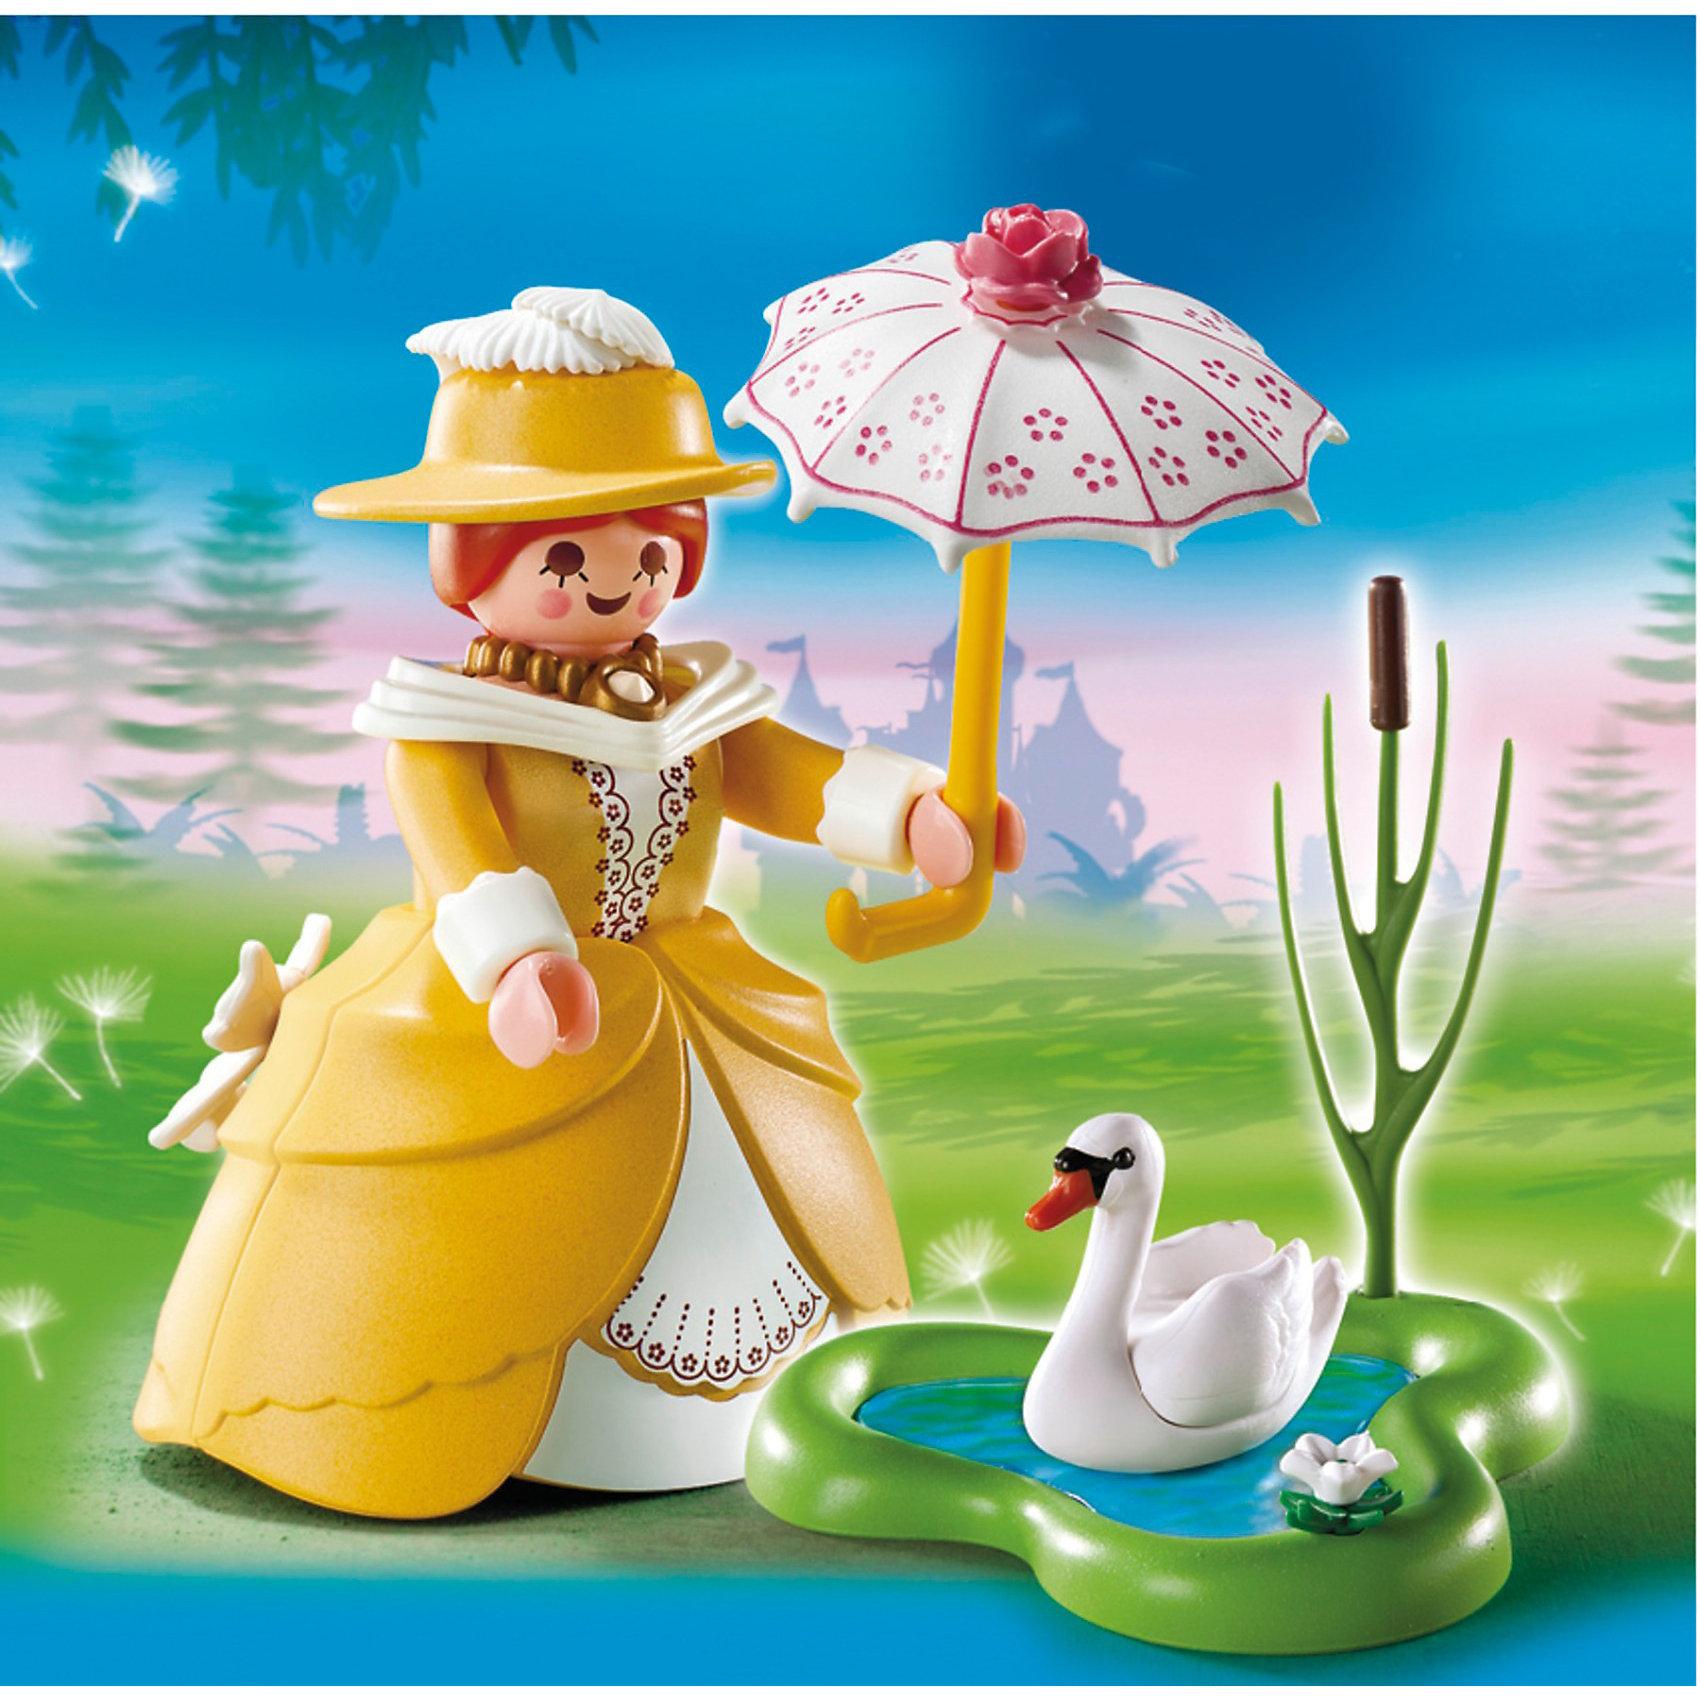 PLAYMOBIL  5410 Экстра-набор: Принцесса с прудомПластмассовые конструкторы<br>Принцесса с прудом – фигурка красивой девочки в элегантном платье.<br>Каждая девочка мечтает иметь в подружках настоящую принцессу. <br>Игровые наборы Playmobil помогут придумать историю и поучаствовать в игровом действе. <br>Маленькая принцесса решила прогуляться на свежем воздухе, она надела красочное солнечное платье, такого же цвета модную шляпку и взяла в руки ажурный зонтик. <br>Гуляя по парку, девочка увидела пруд и подошла к нему, там плавал белоснежный красавец лебедь. <br>Сначала лебедь плыл посередине пруда, а когда подошла принцесса, подплыл к берегу, чтобы она его покормила. <br>В игровой набор от Playmobil вошли красавица-принцесса, шляпка, зонтик, пруд с камышом, лебедь.<br>Девочка может построить настоящий парк, где будет гулять ее подружка – принцесса. <br>Здесь можно кормить лебедя, отдыхать, гулять под голубым небом прикрываясь ажурным зонтиком. <br>Принцесса наденет на себя красивое легкое платье и модную шляпку, она во время обеда сможет прогуляться и насладиться солнечным днем. <br>Используя конструкторы можно придумать много интересных сюжетных сцен.<br>Игрушка учит девочку распределять свое время, находить свободную минутку для отдыха, а так же воспитывает аккуратность и развивает умение красиво одеваться и следить за своим внешним видом.<br><br>PLAYMOBIL  5410 Экстра-набор: Принцесса с прудом можно купить в нашем магазине.<br><br>Ширина мм: 133<br>Глубина мм: 101<br>Высота мм: 35<br>Вес г: 77<br>Возраст от месяцев: 48<br>Возраст до месяцев: 120<br>Пол: Женский<br>Возраст: Детский<br>SKU: 2554728